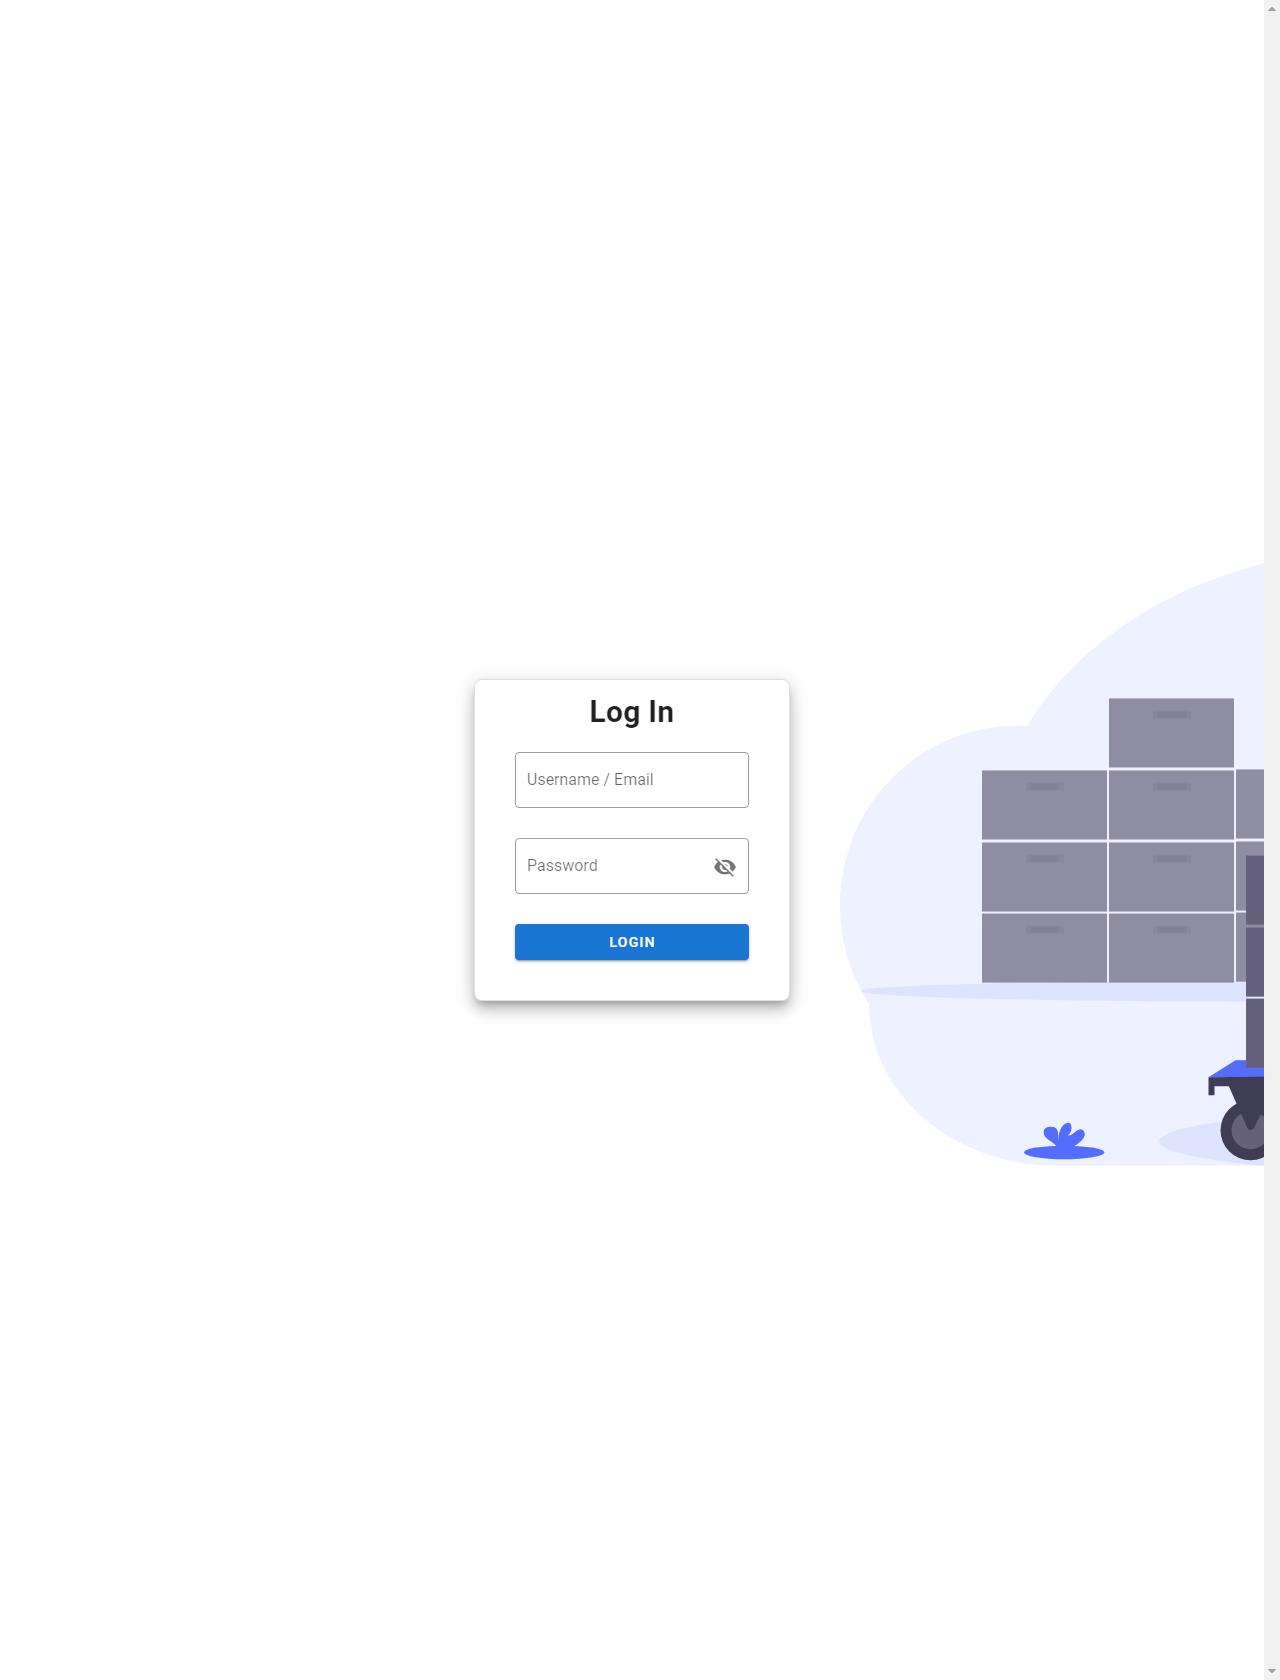 Screenshot Desktop - https://admin.thnkj.com/login